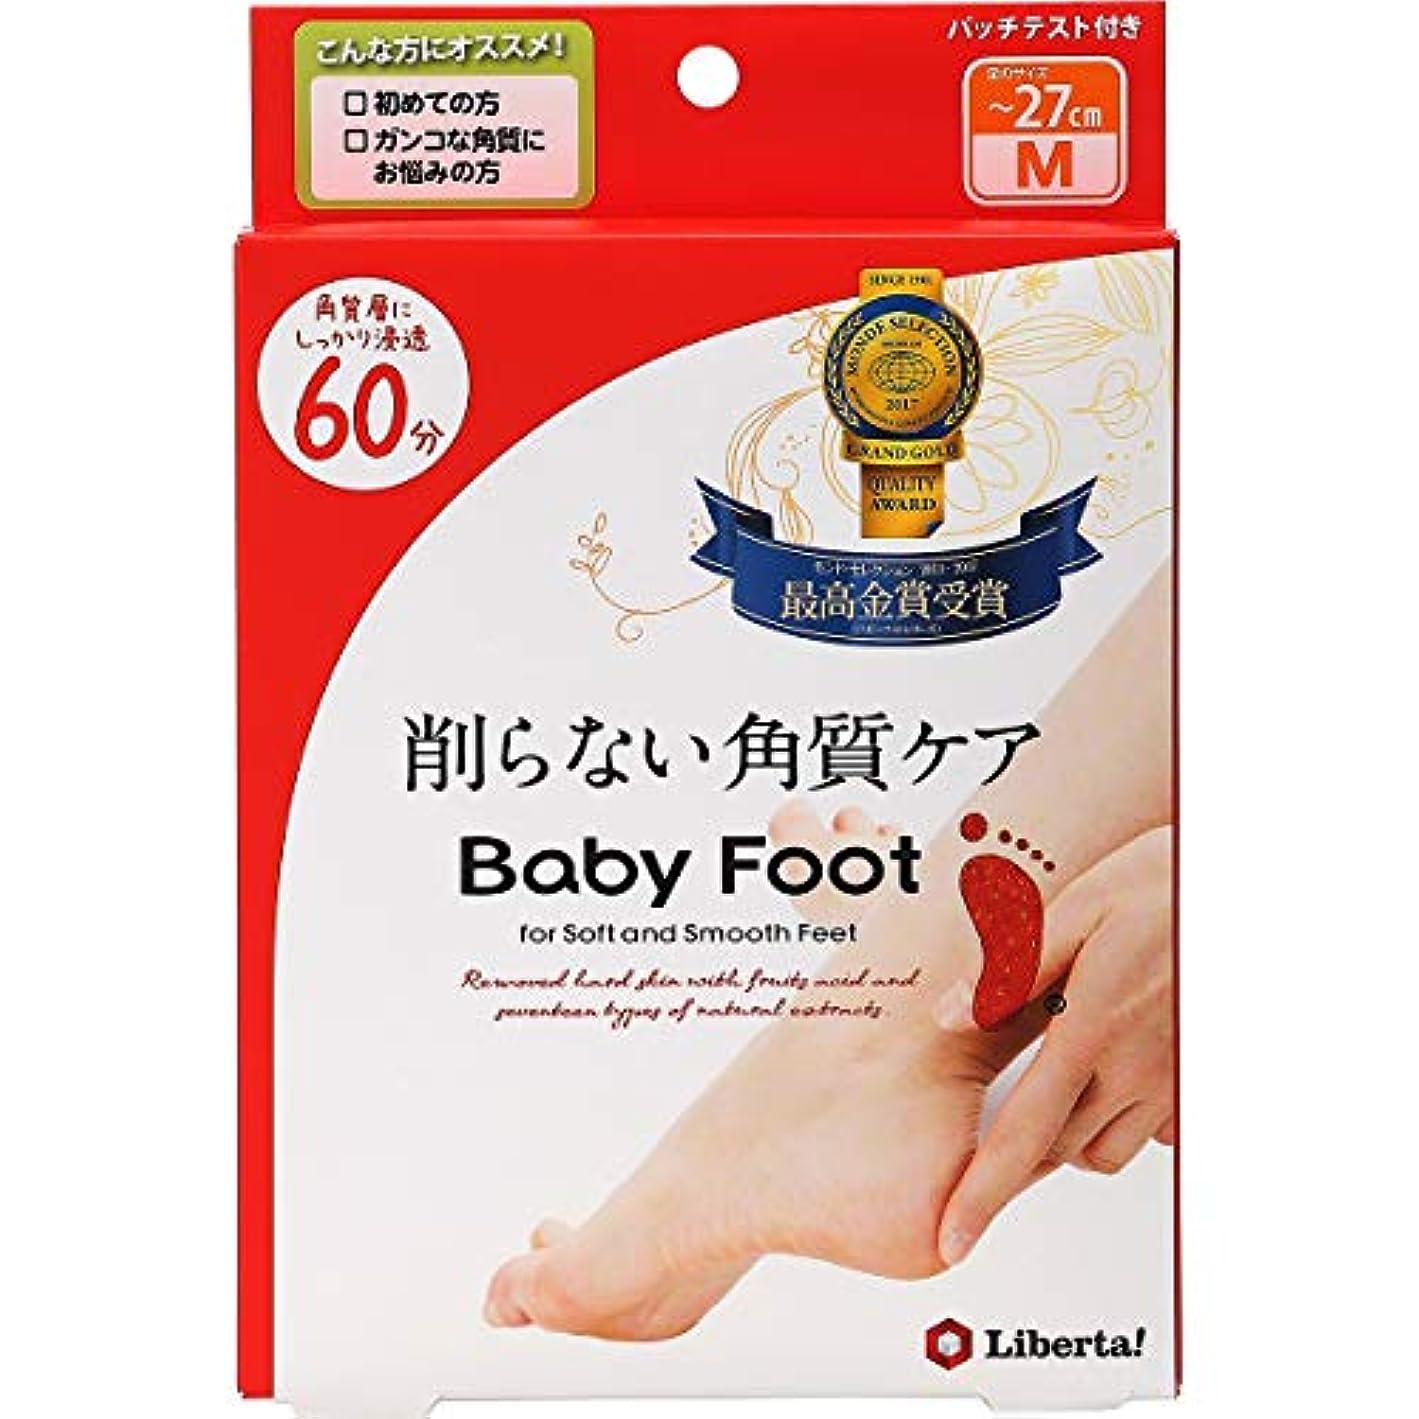 ミリメーター破壊的前部ベビーフット (Baby Foot) ベビーフット イージーパック SPT60分タイプ Mサイズ 単品